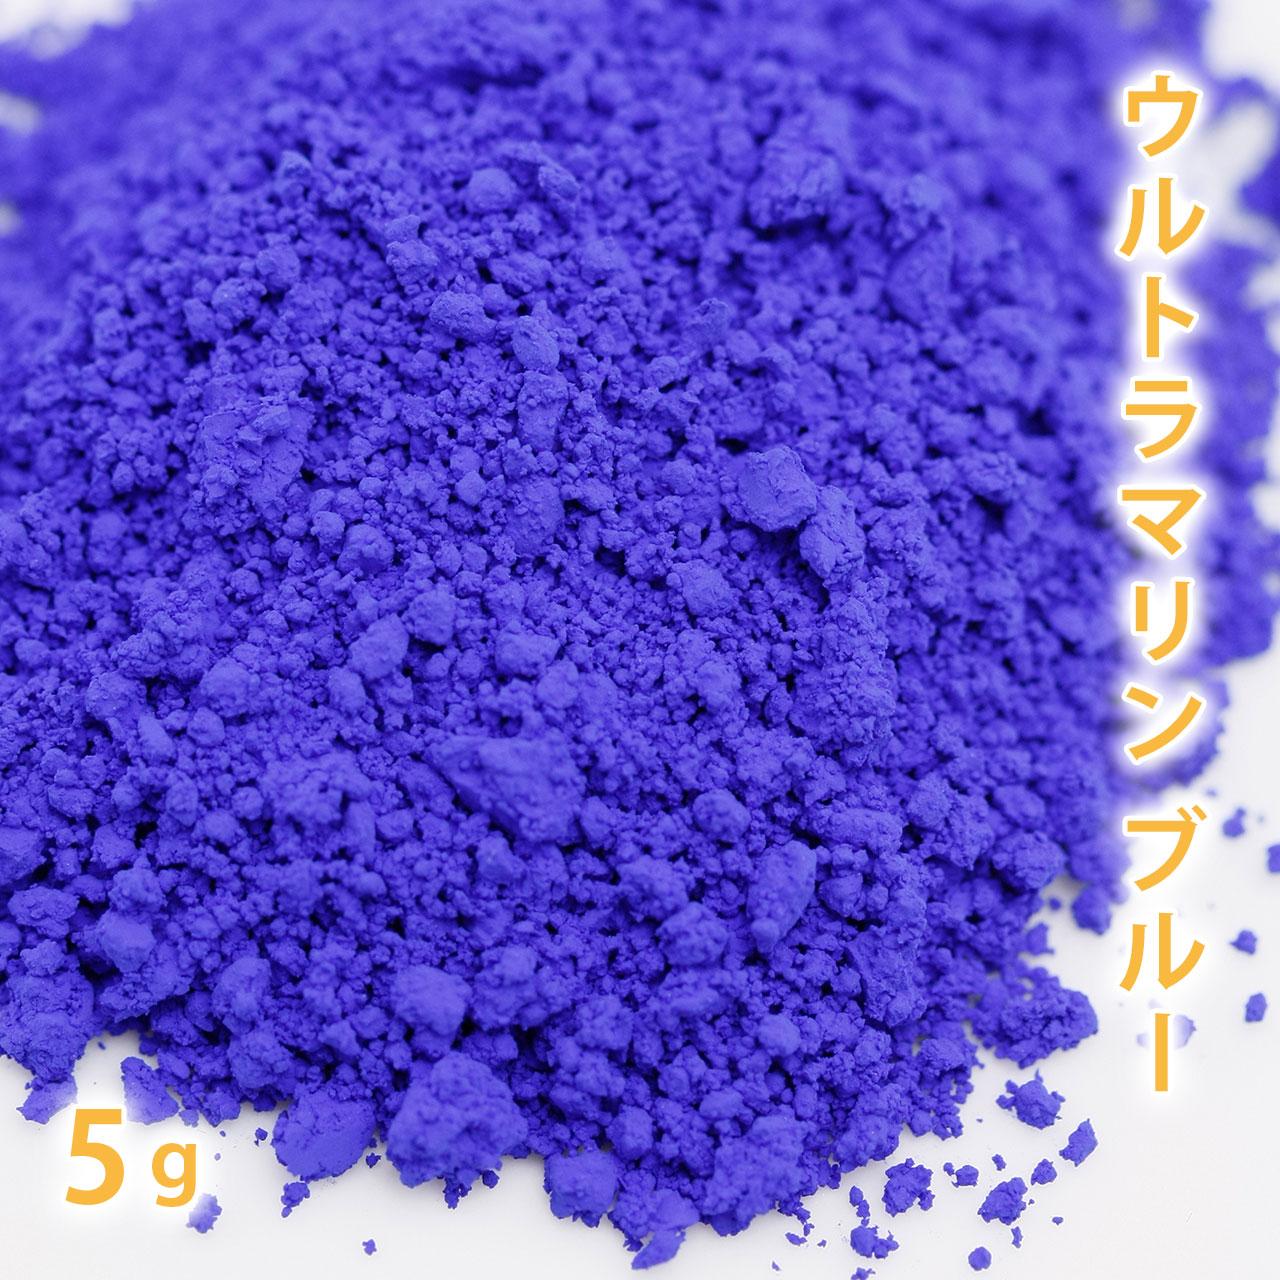 【ポストお届け可/1】 ウルトラマリン ブルー 5g 【手作り石鹸/手作りコスメ/色付け/カラーラント/青】